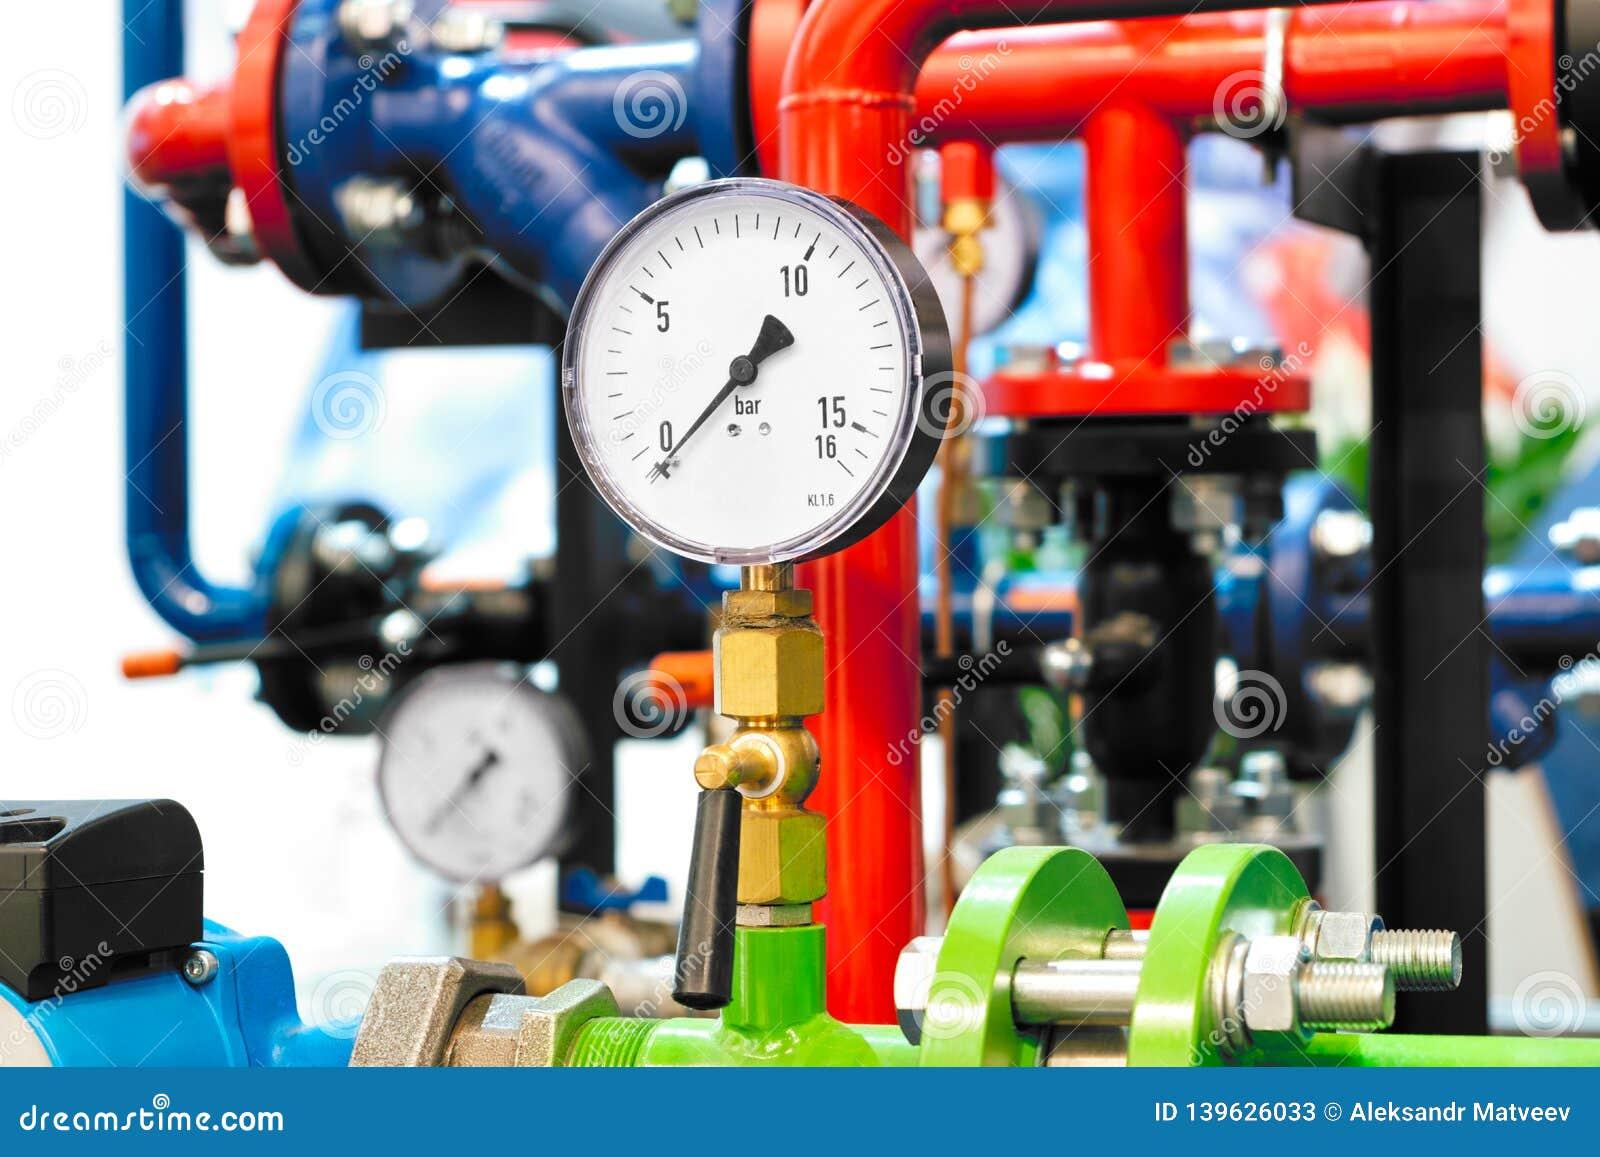 The Equipment Of The Boiler-house, - Valves, Tubes, Pressure